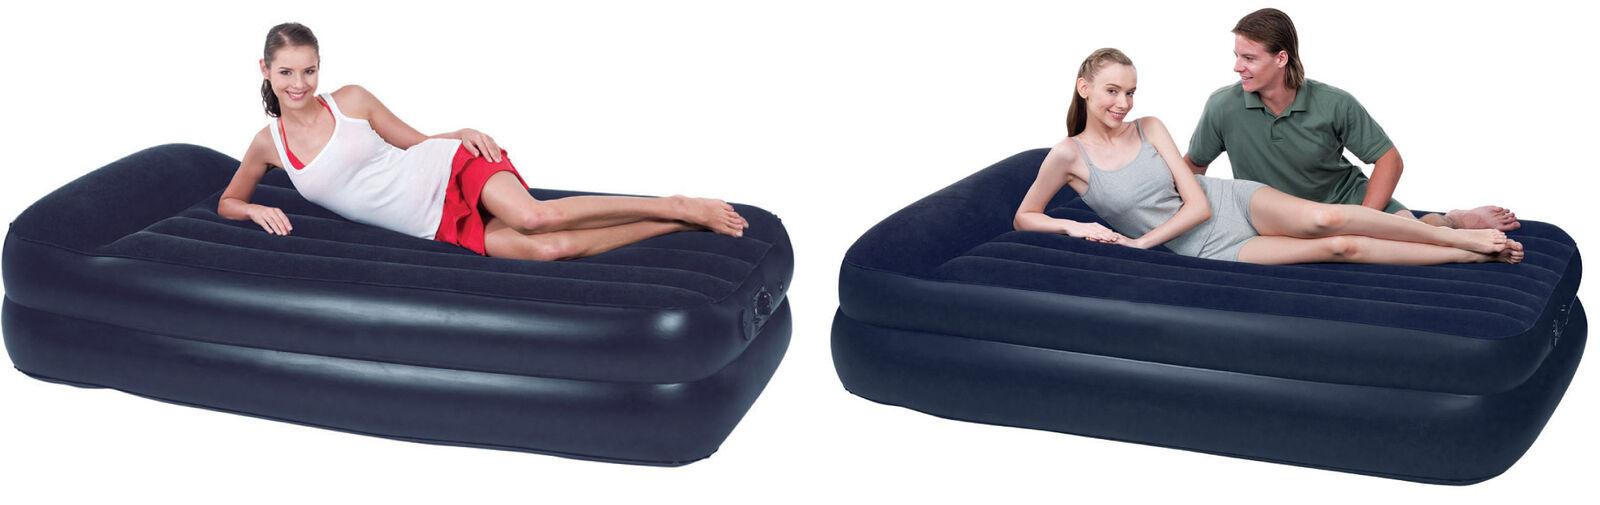 Pumpbar dubbelsäng för madrasser med uppblåsbar madrass